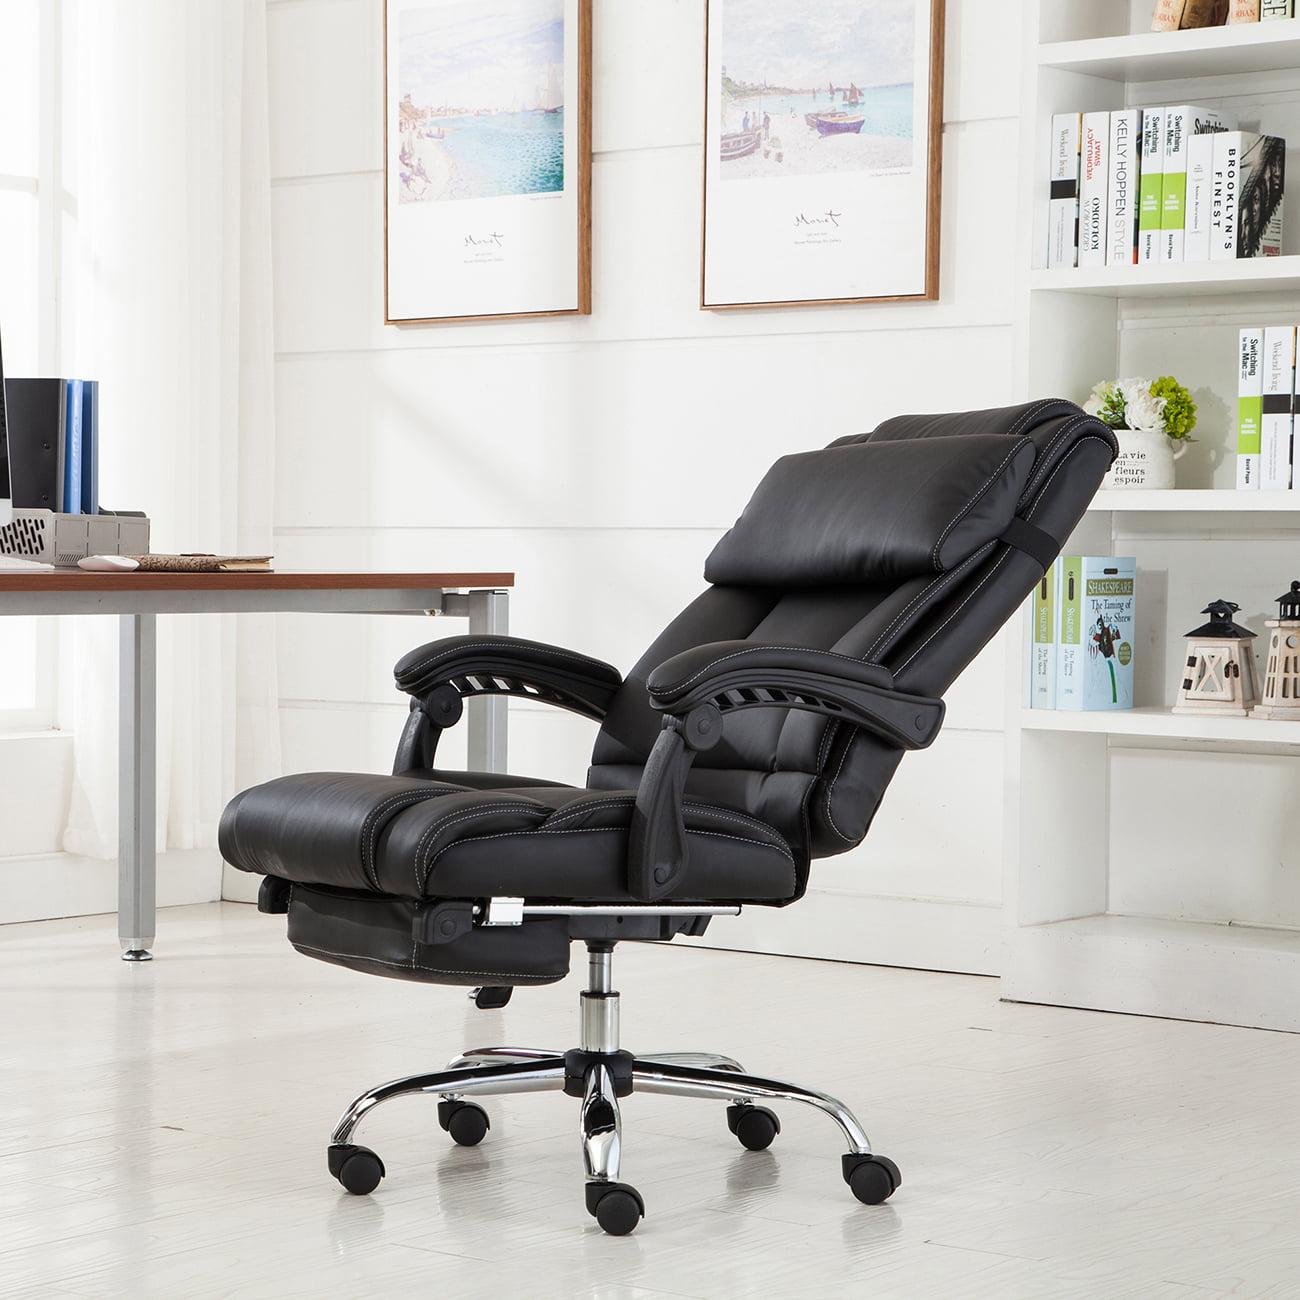 Belleze Executive Reclining Office Chair High Back w/ Footrest Armchair Recline + Pillow -Black - Walmart.com & Belleze Executive Reclining Office Chair High Back w/ Footrest ... islam-shia.org